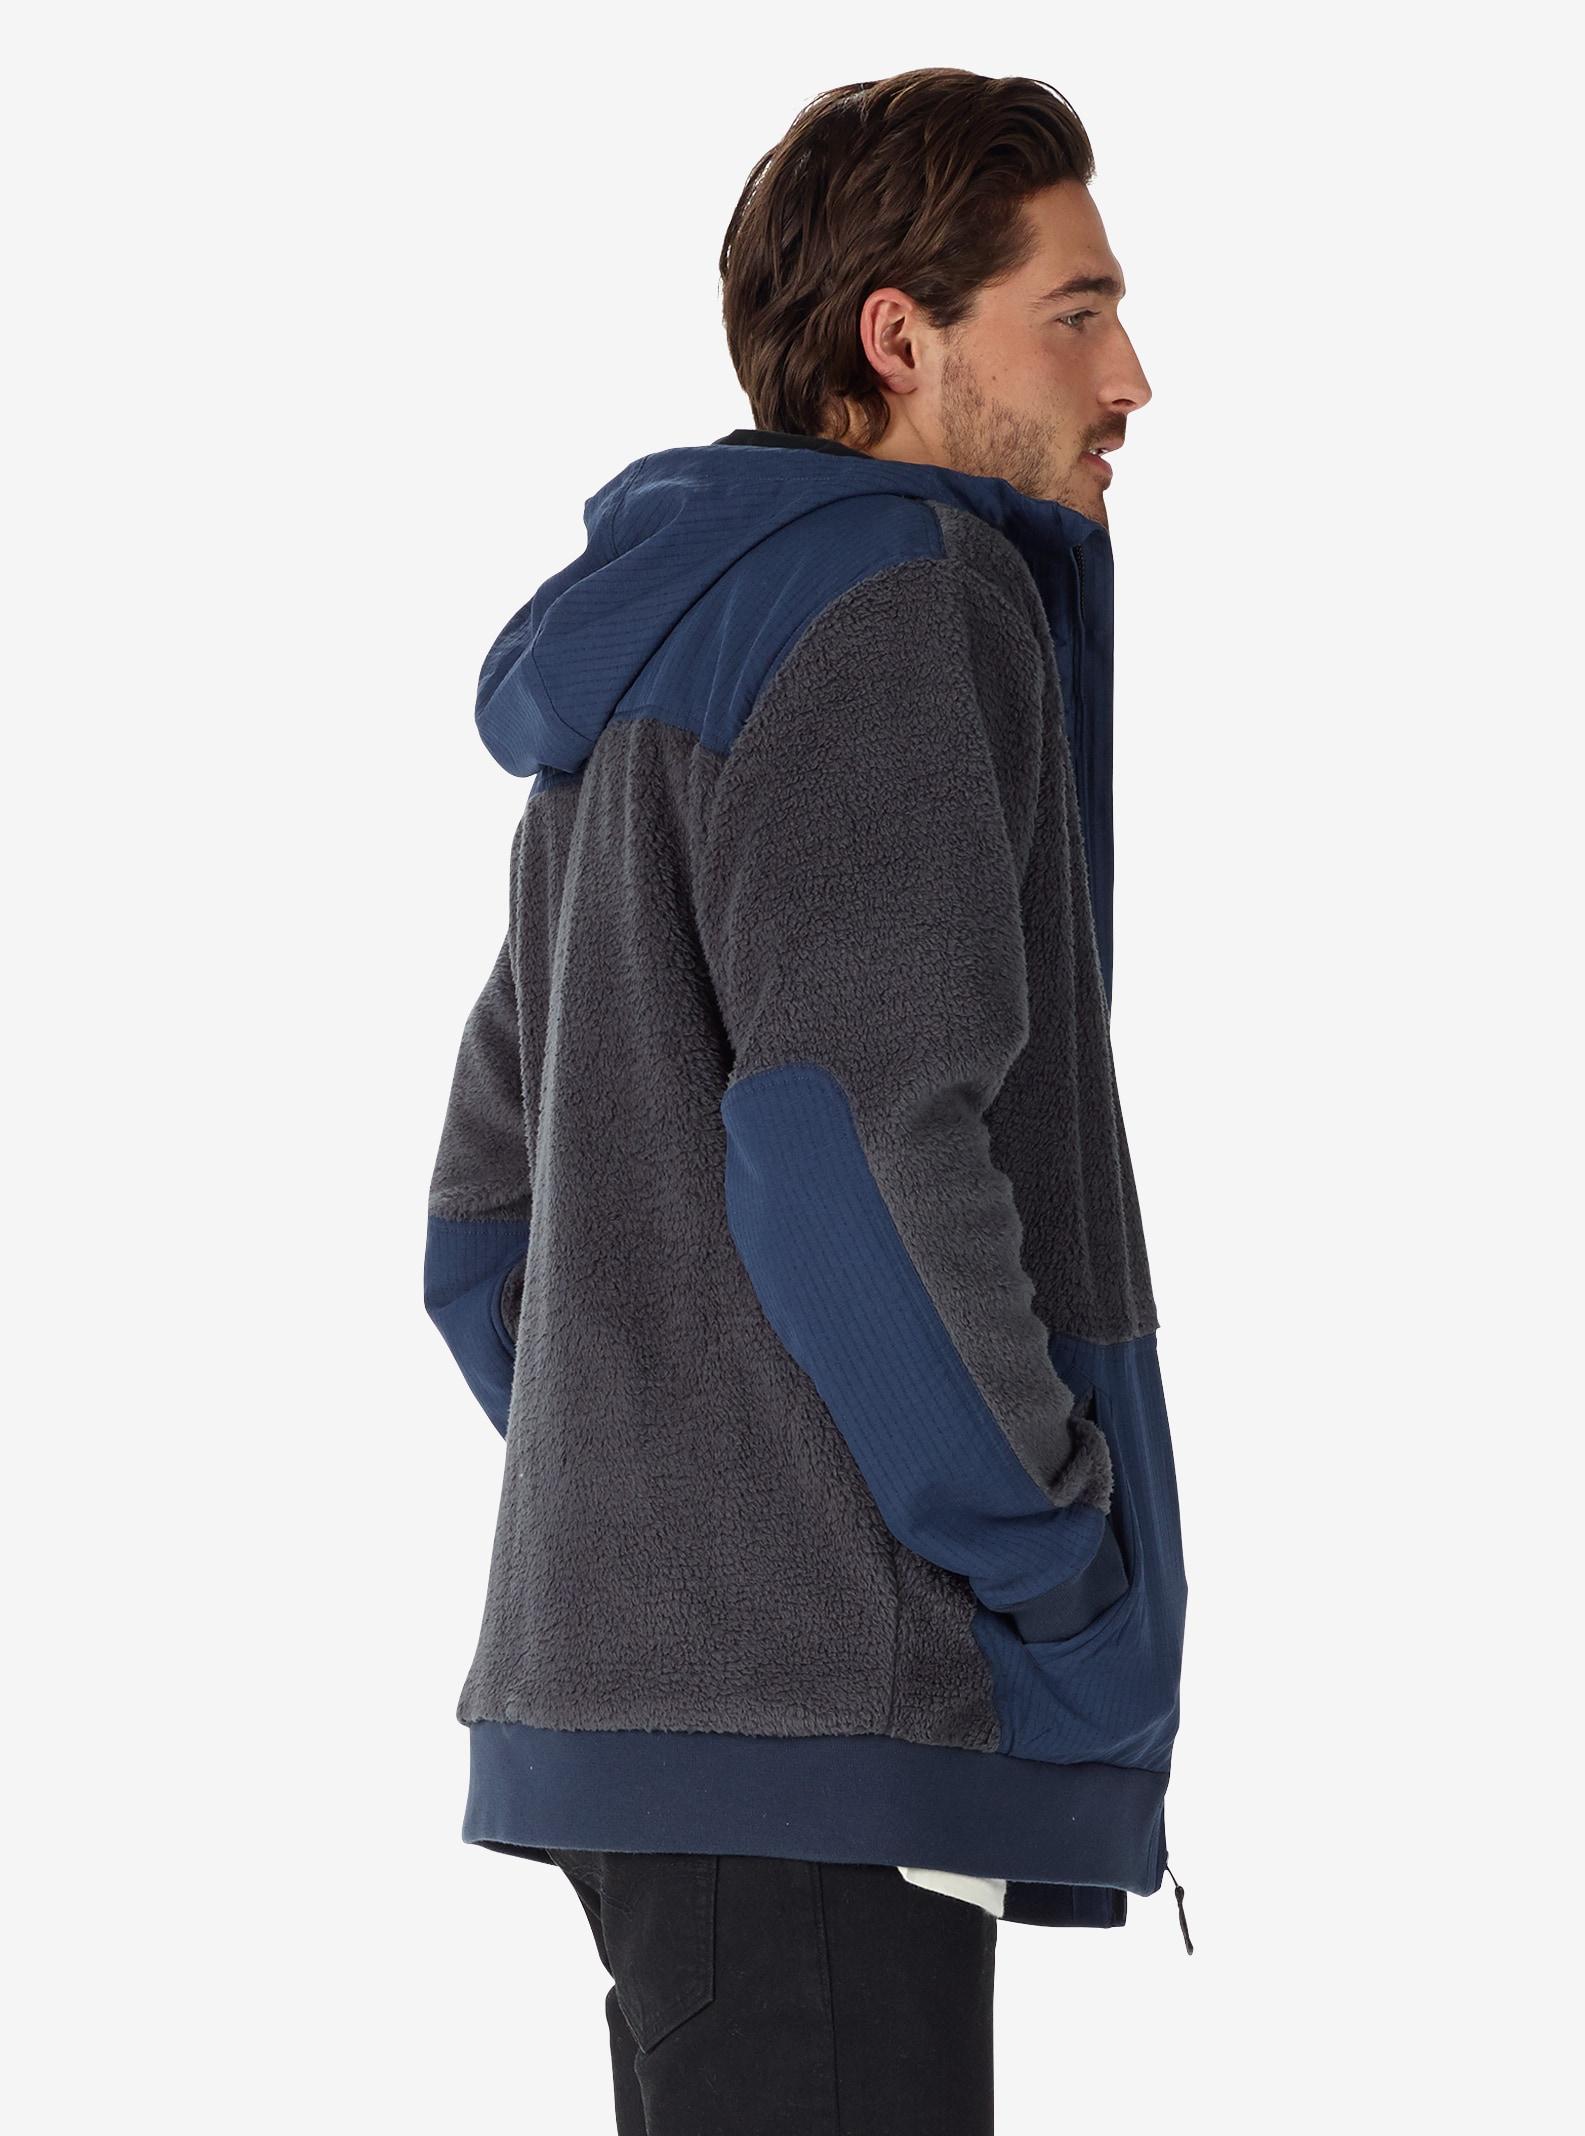 Men's Burton Tribute Full-Zip Fleece shown in Faded